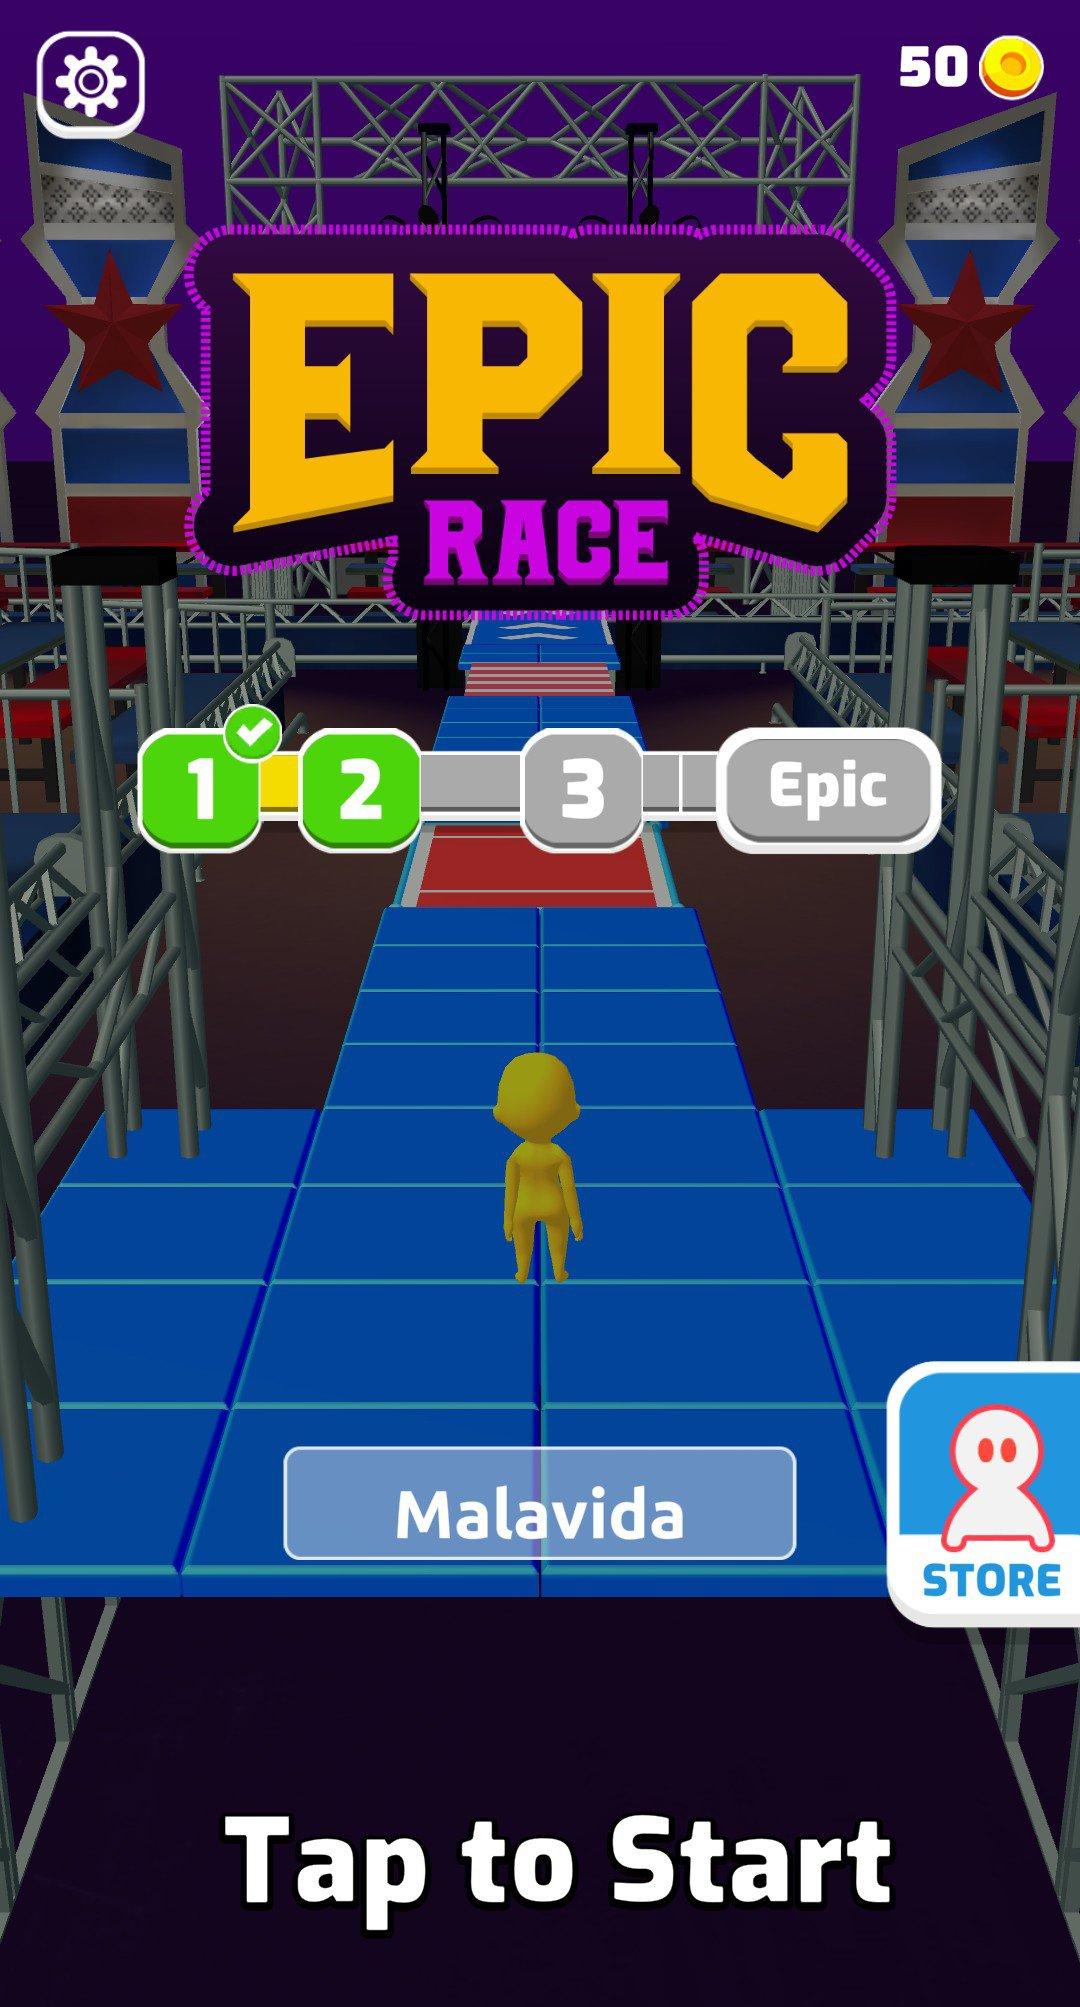 Epic Race 3D 1.1.1 - Télécharger Pour Android Apk Gratuitement dedans Plein De Jeux Gratuits